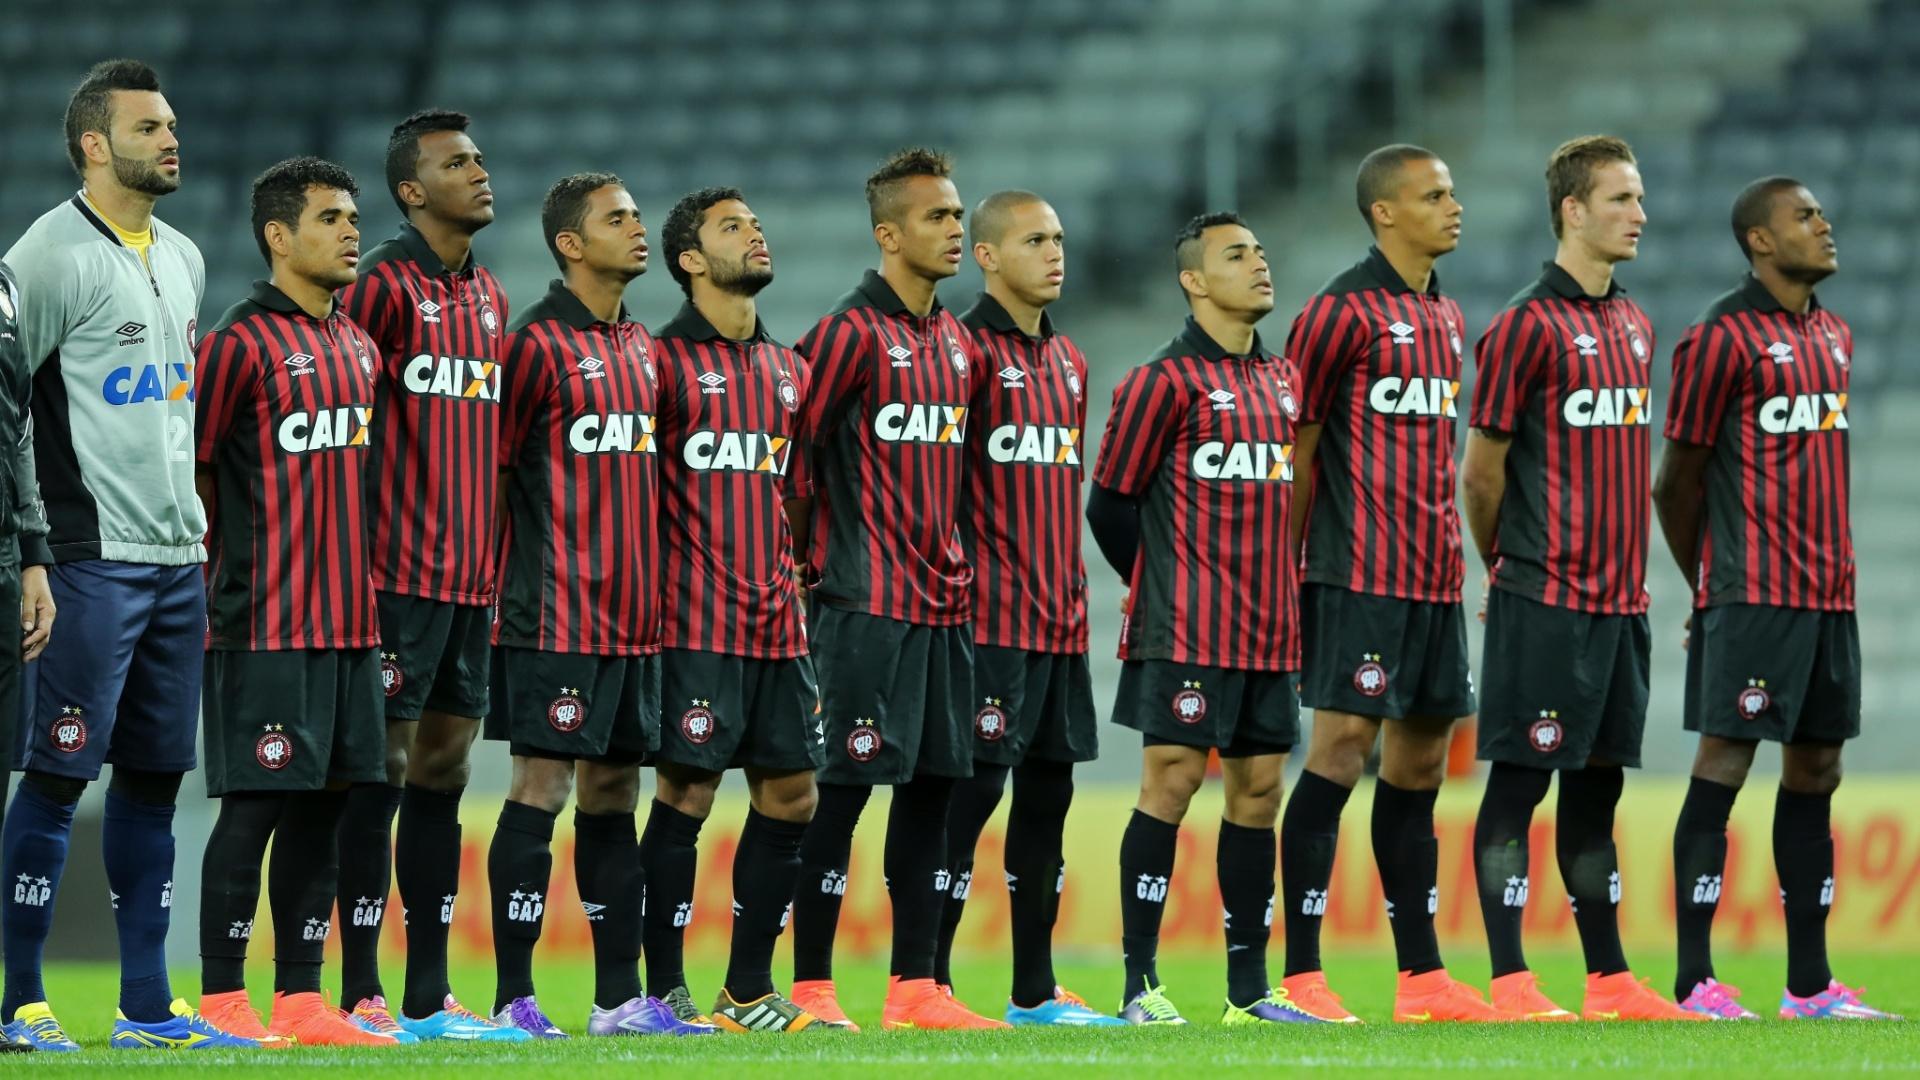 Jogadores do Atlético-PR perfilados para o hino nacional antes de jogo contra o Criciúma